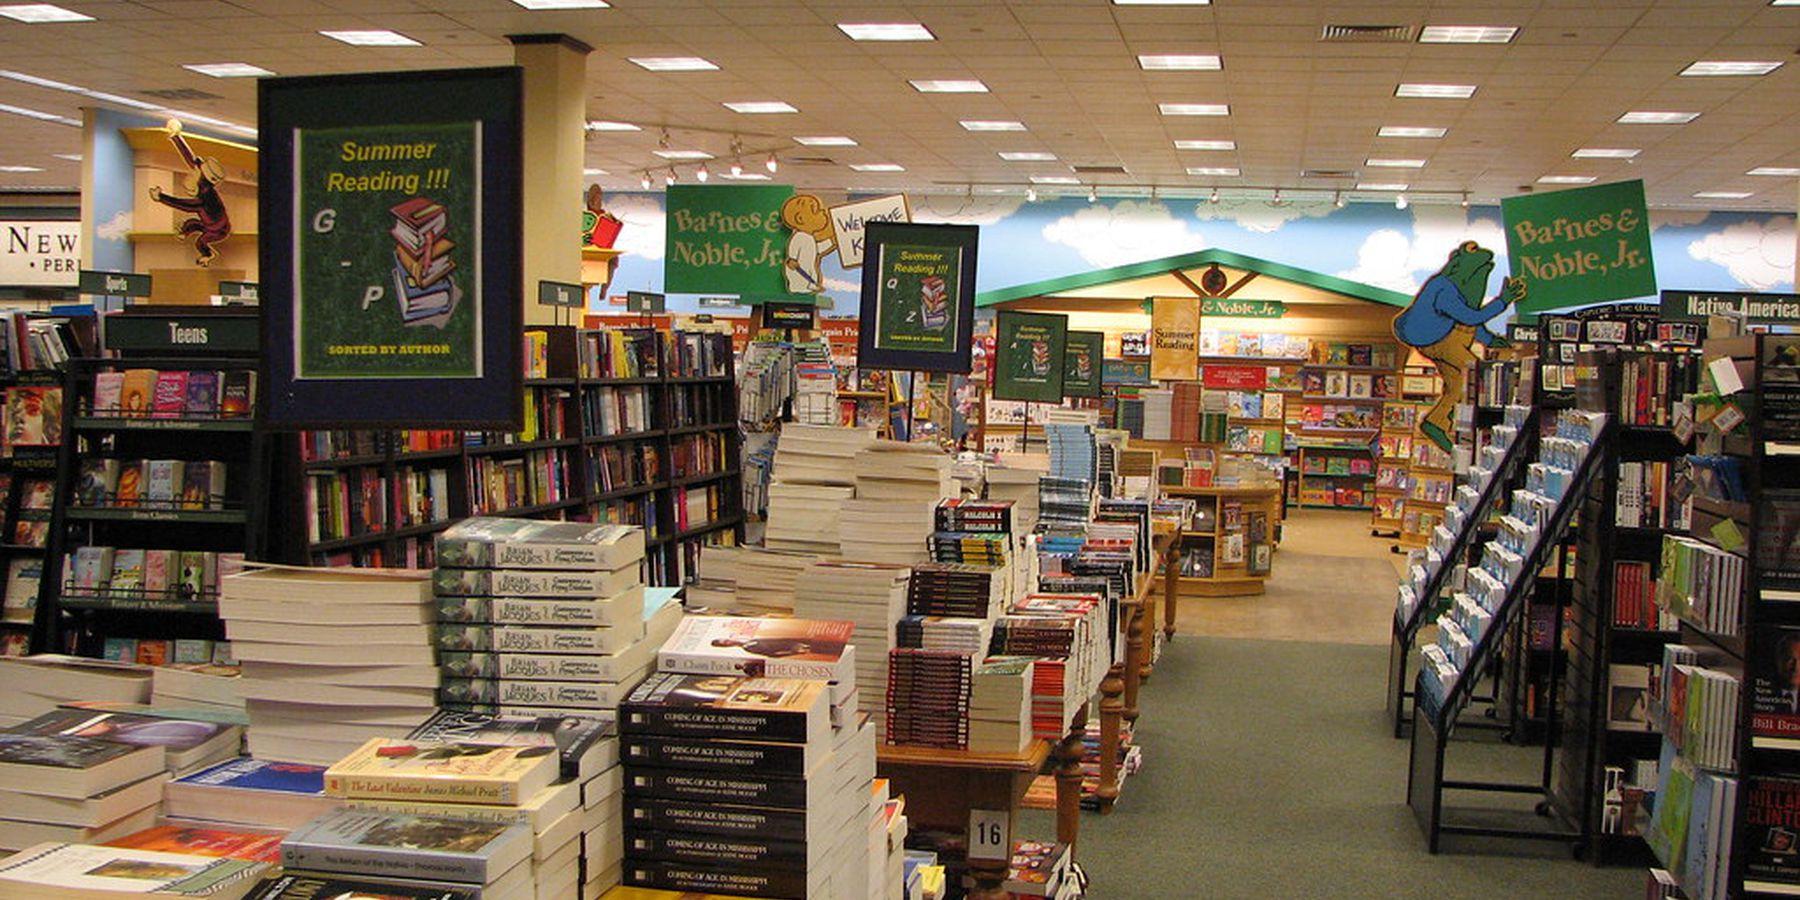 Barnes & Noble - New York - Doets Reizen